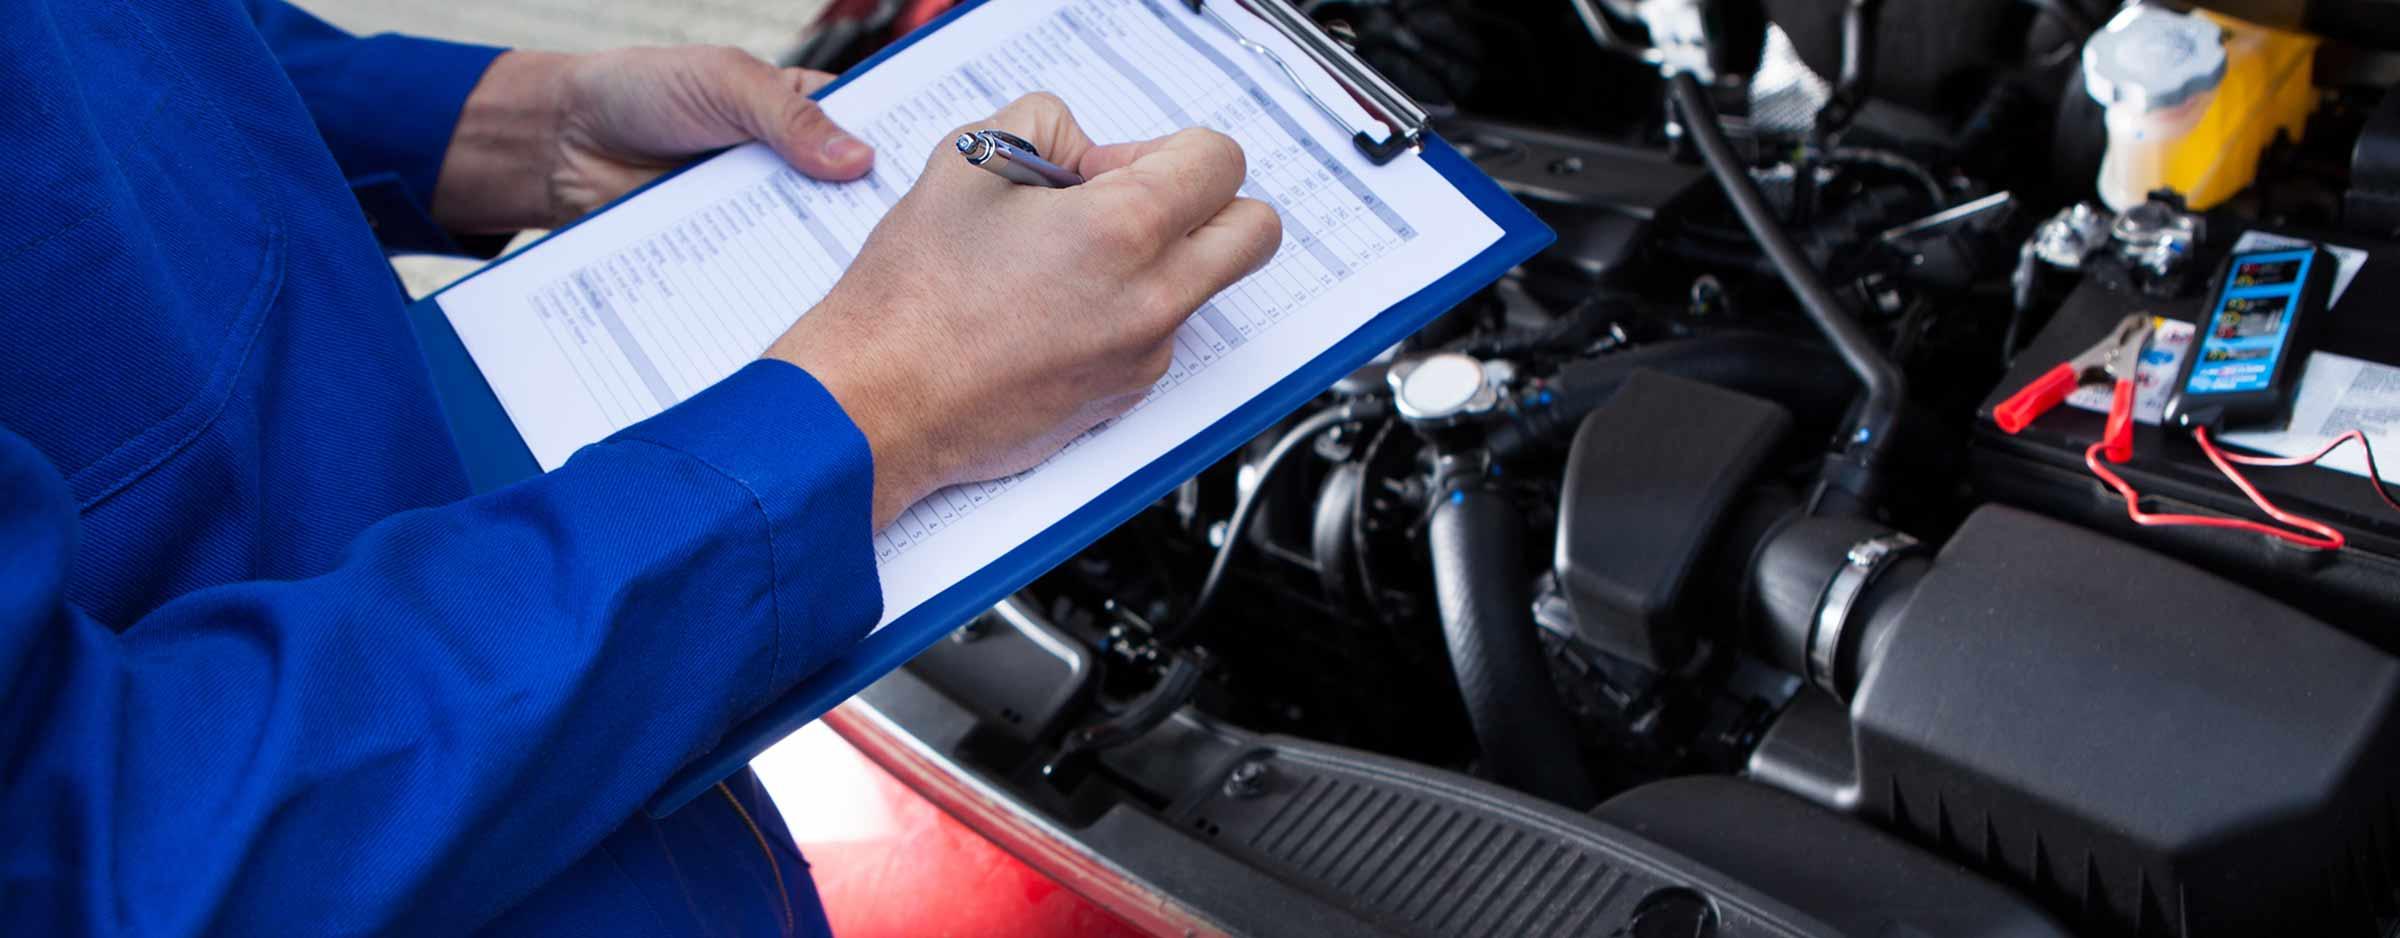 Osobné vozidlá - oprava